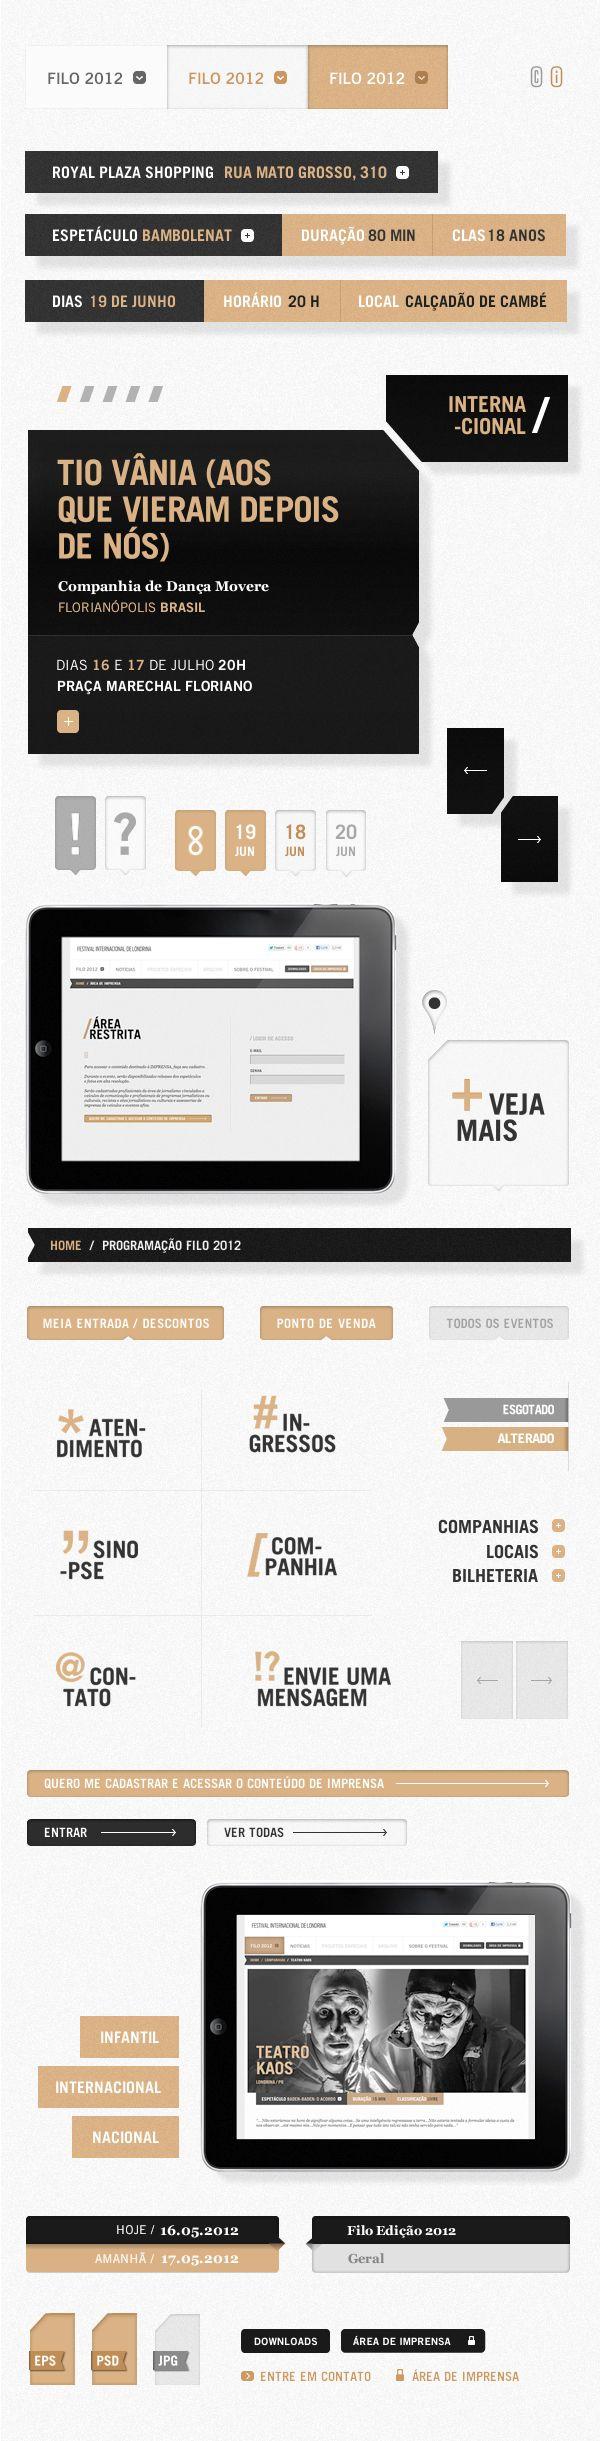 UI / Interface Design / Filo Festival 2012 | Londrina / Web Layout, Flat Design